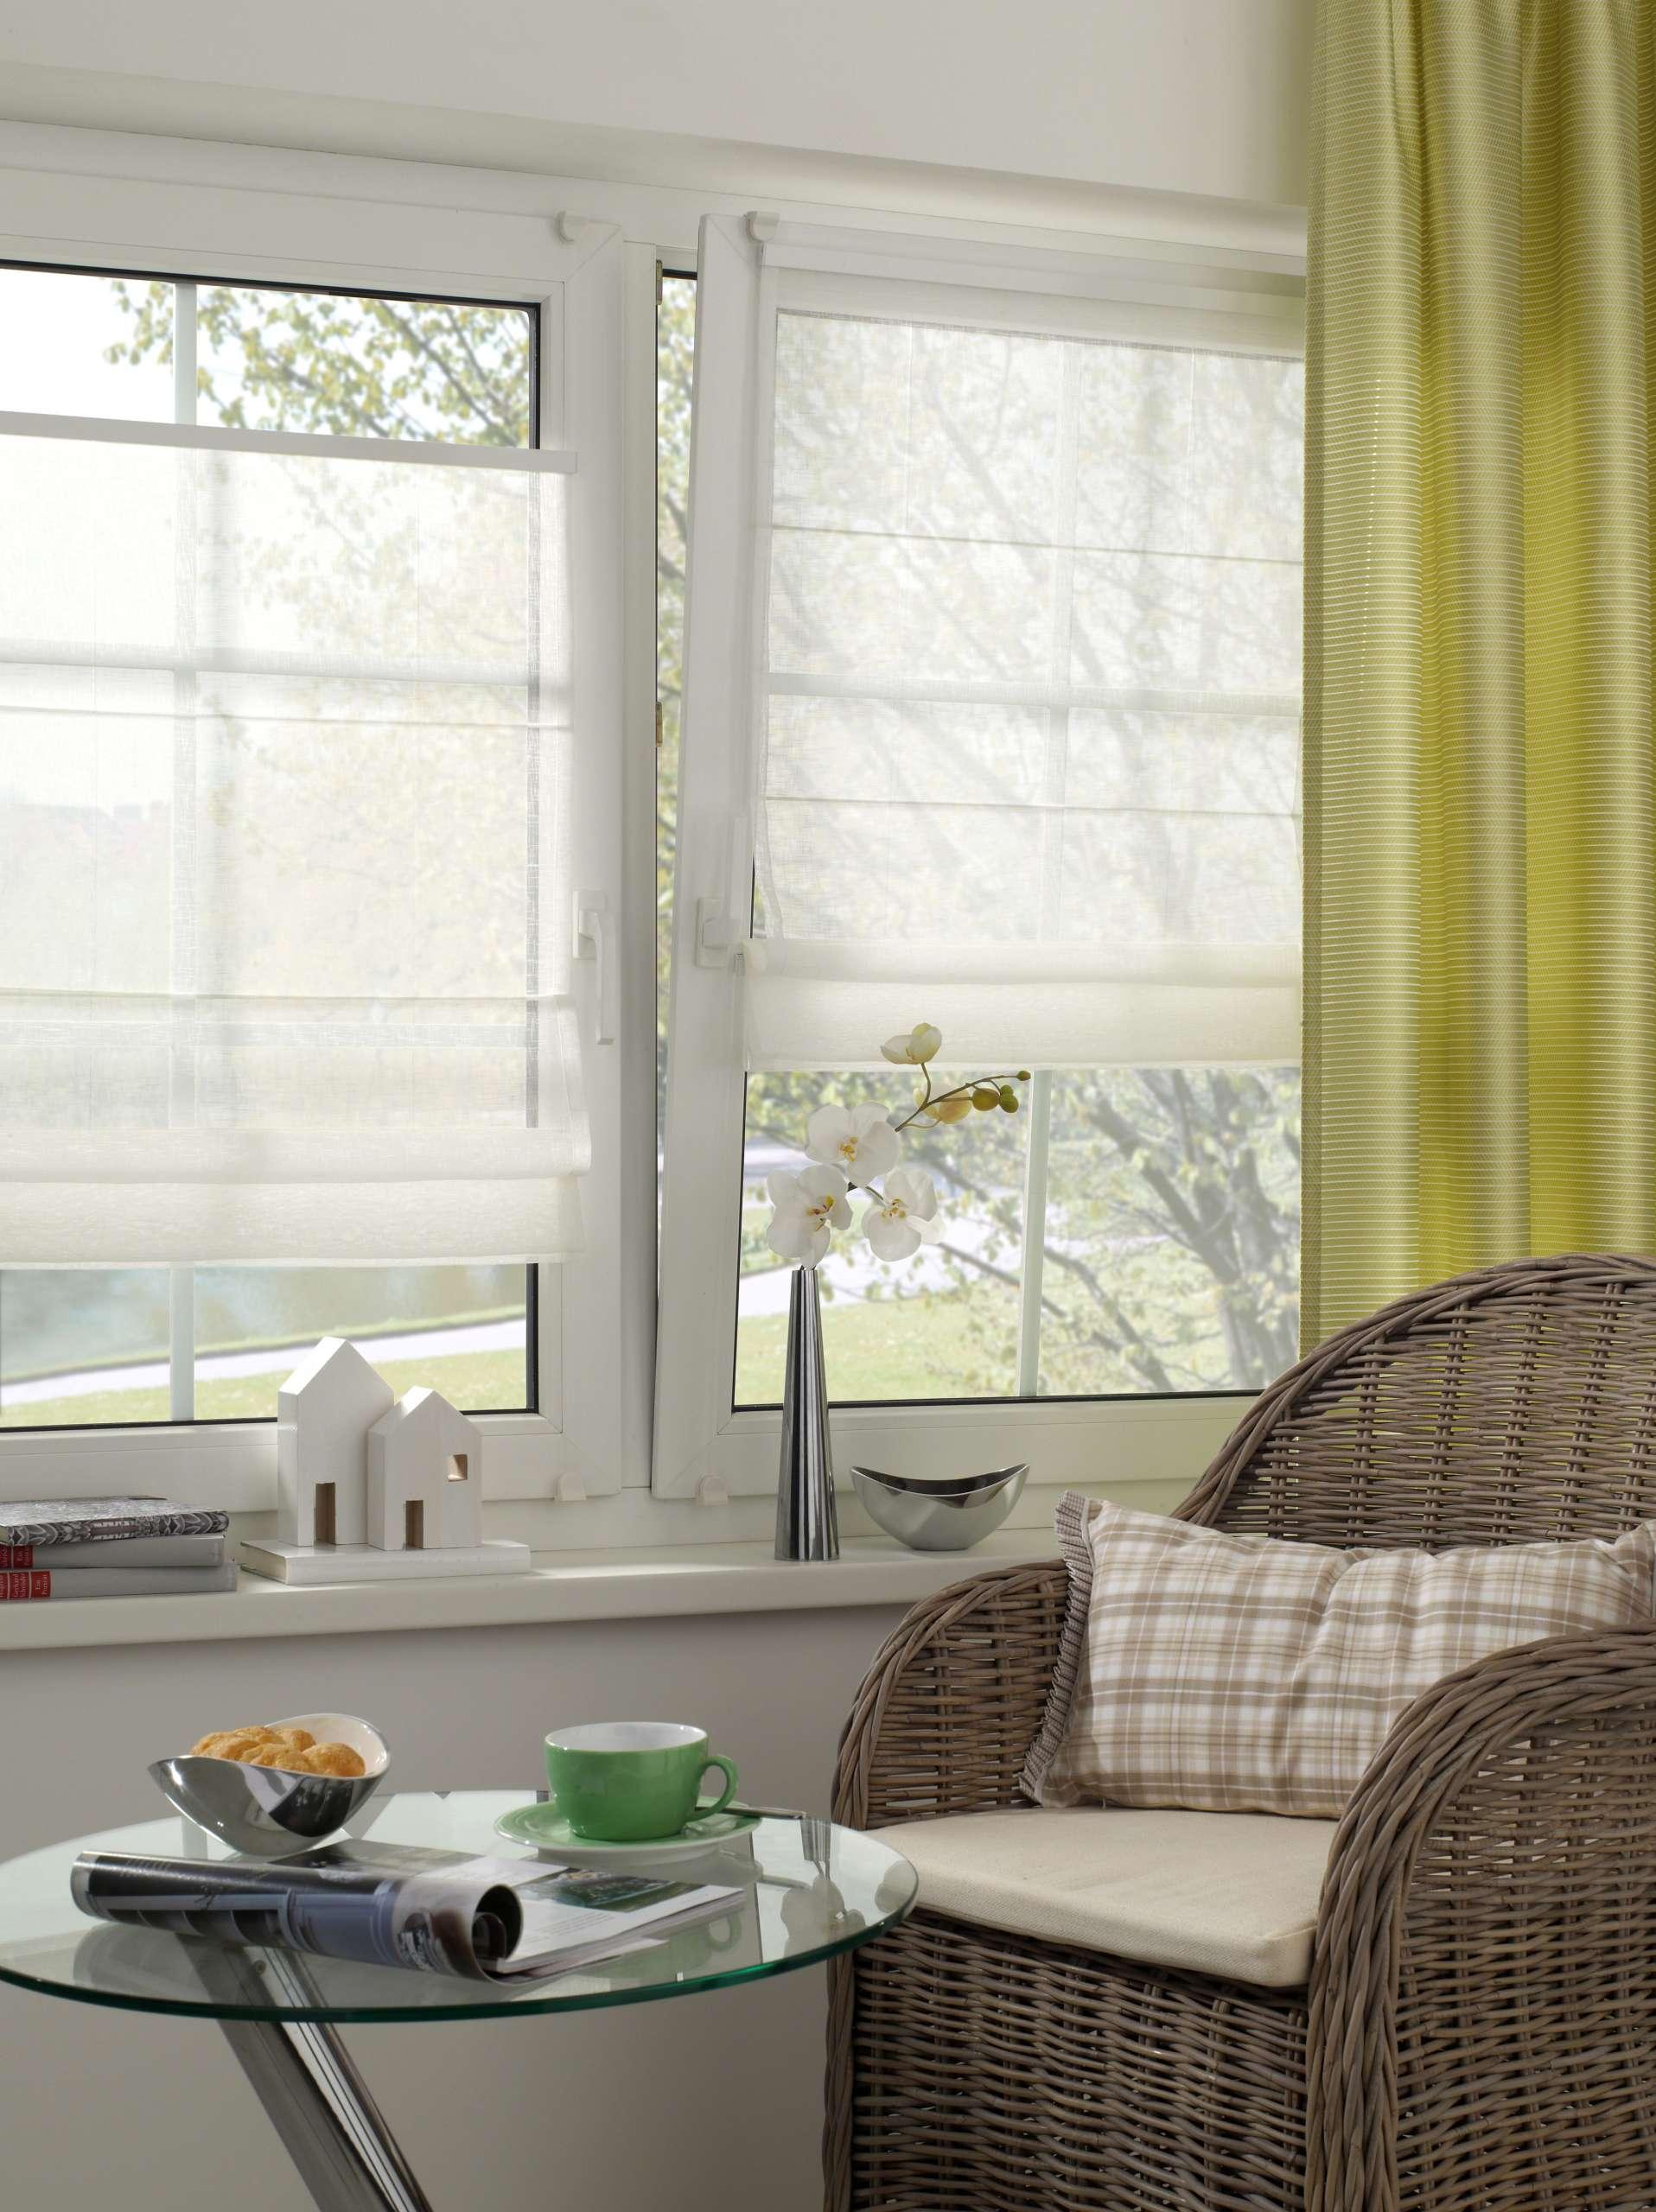 Full Size of Fixma Moderne Bilder Fürs Wohnzimmer Esstische Tapete Küche Modern Deckenleuchte Schlafzimmer Weiss Modernes Bett 180x200 Holz Landhausküche Design Wohnzimmer Raffrollo Modern